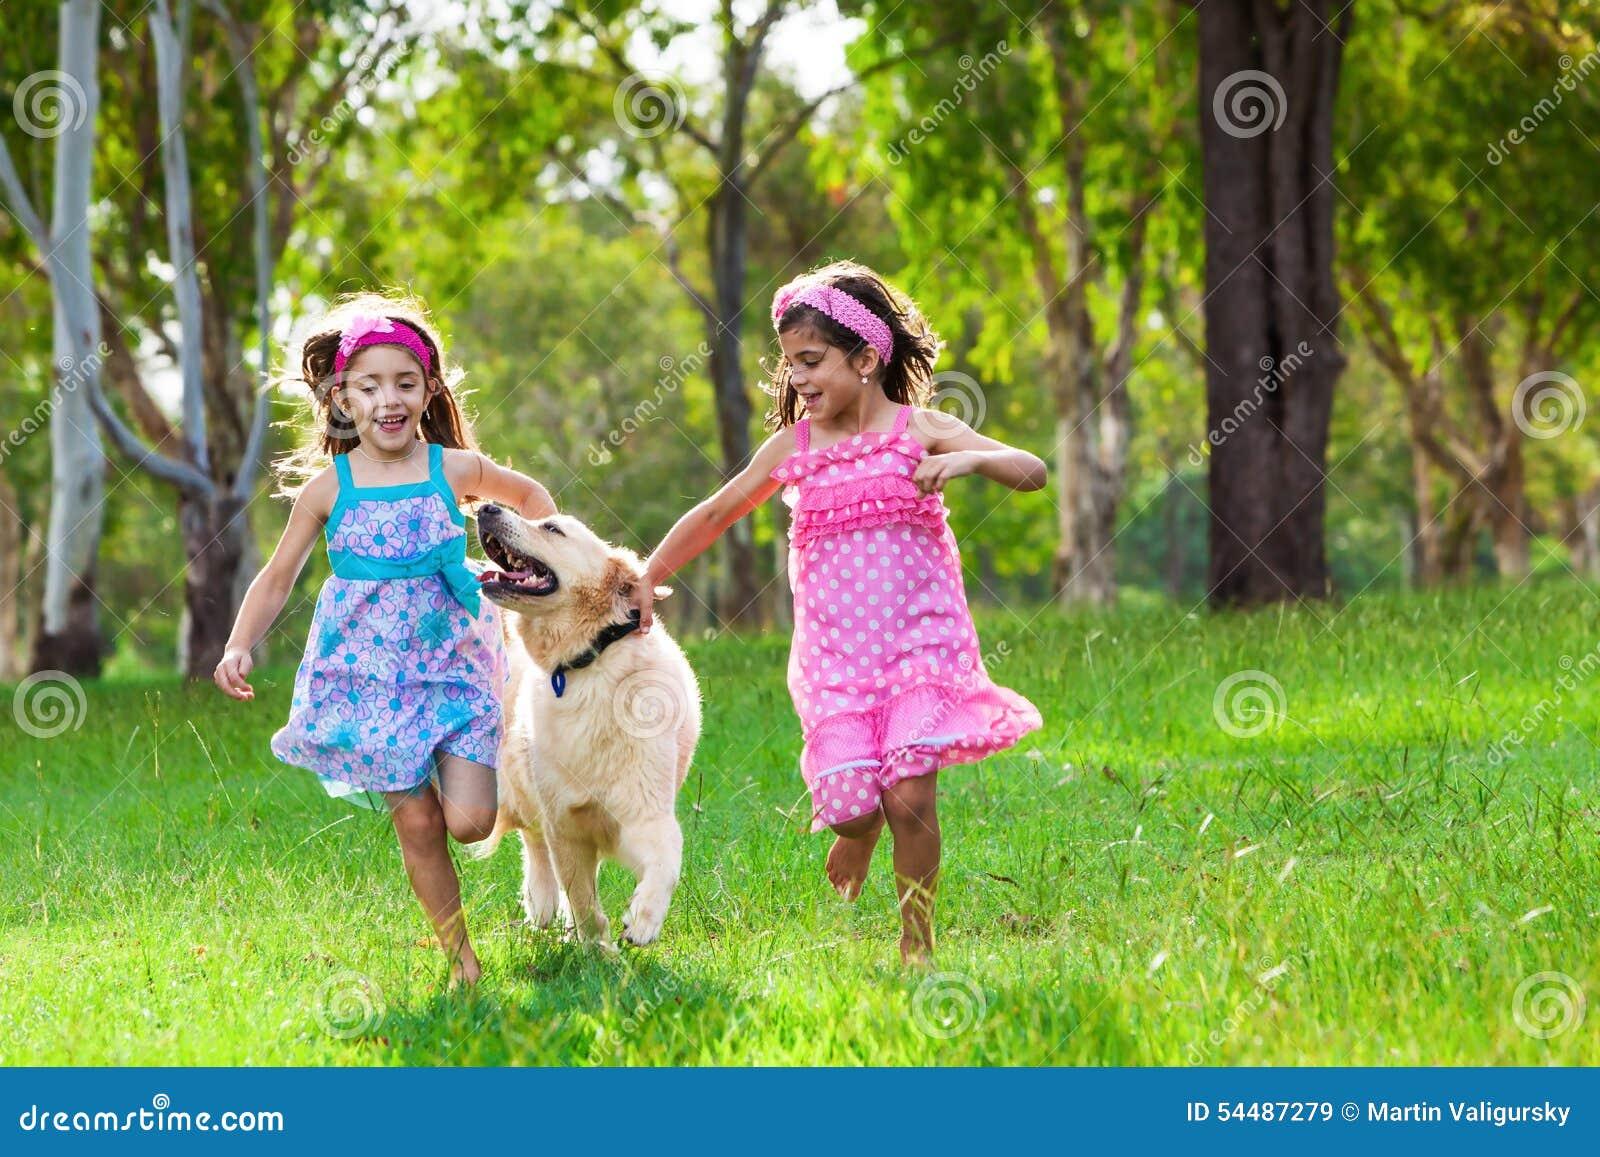 Dos chicas jóvenes que corren con un golden retriever en la hierba